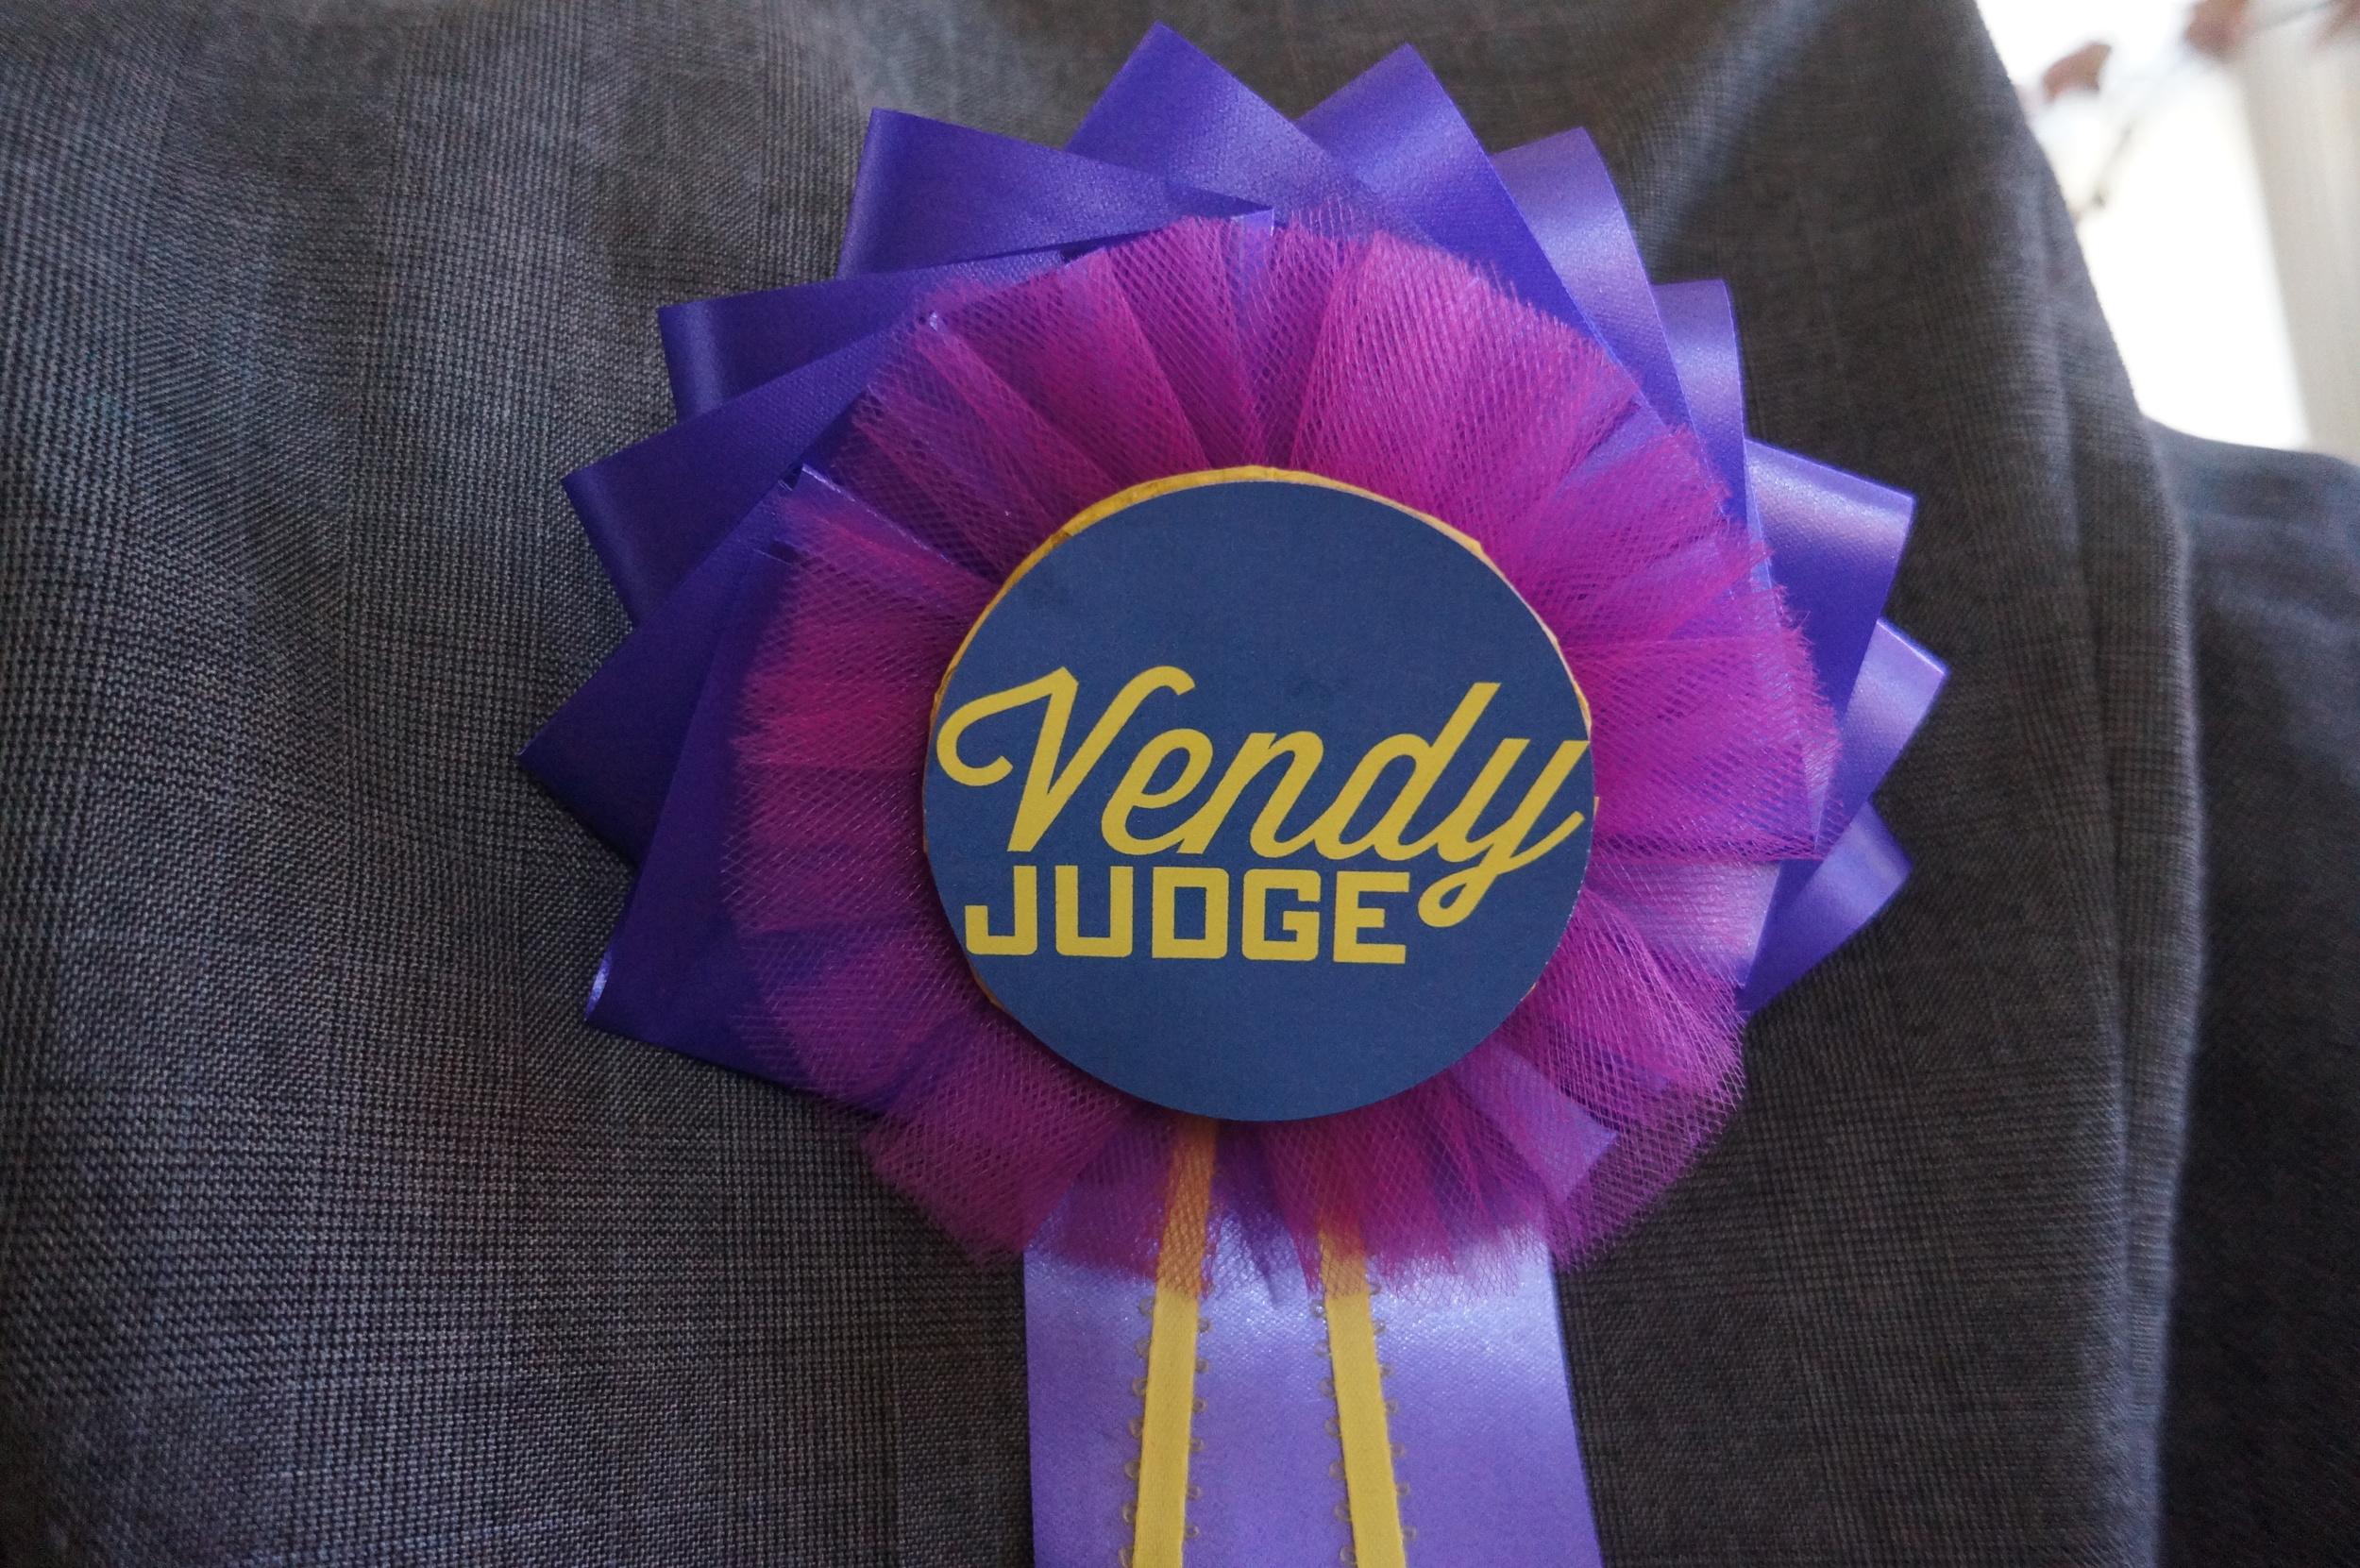 Judge badges for Vendy Awards 2014